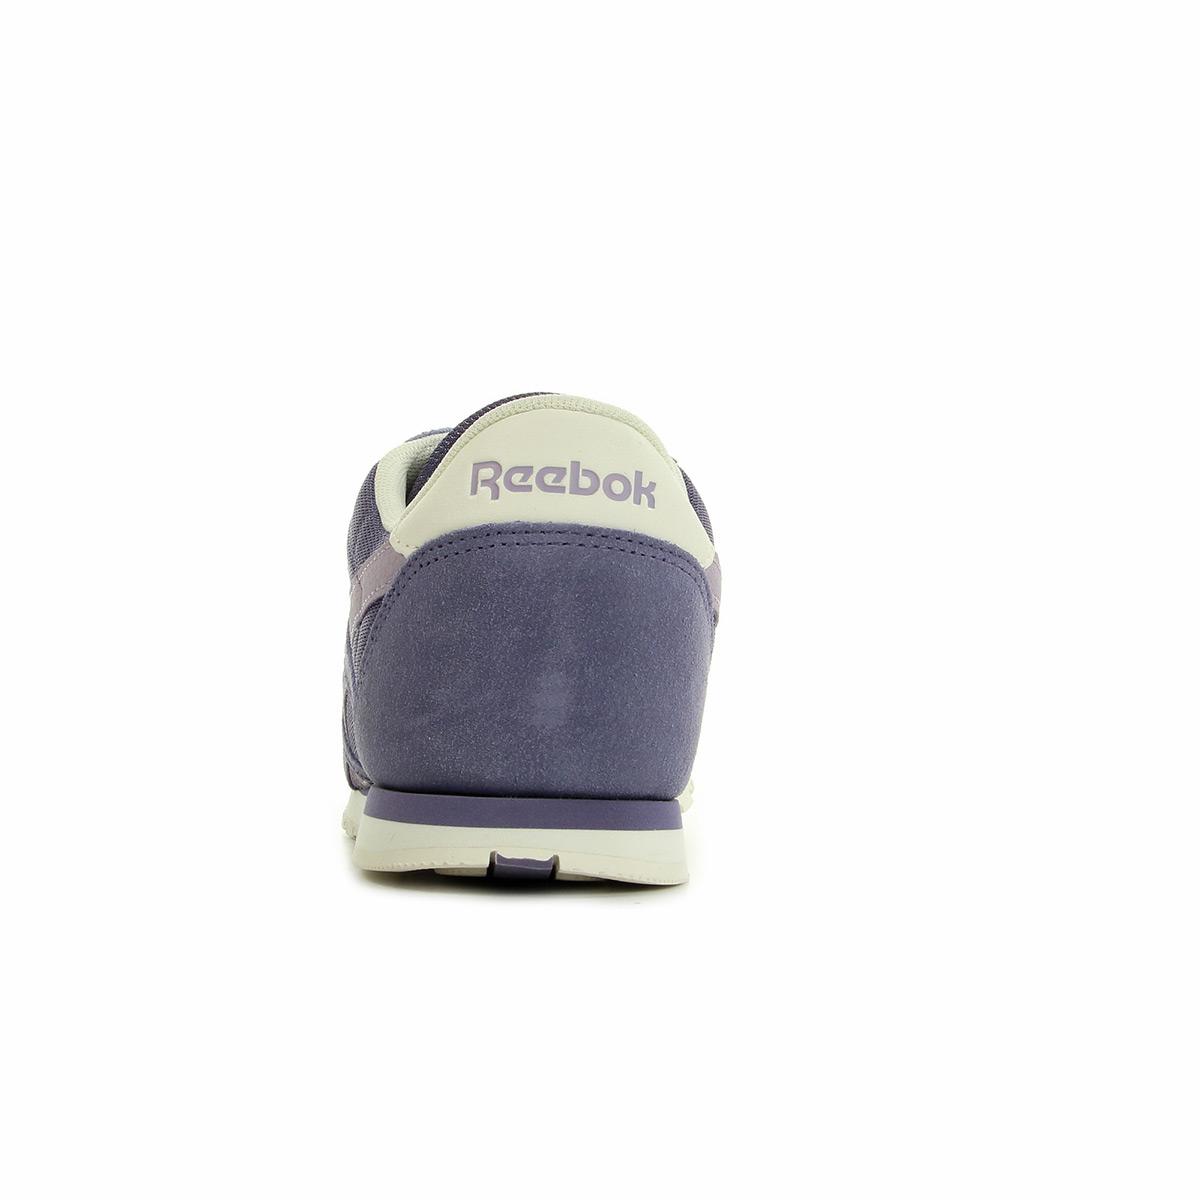 4e1d39b529921 Chaussures Baskets Reebok femme CL Nylon Slim Colors taille Violet ...